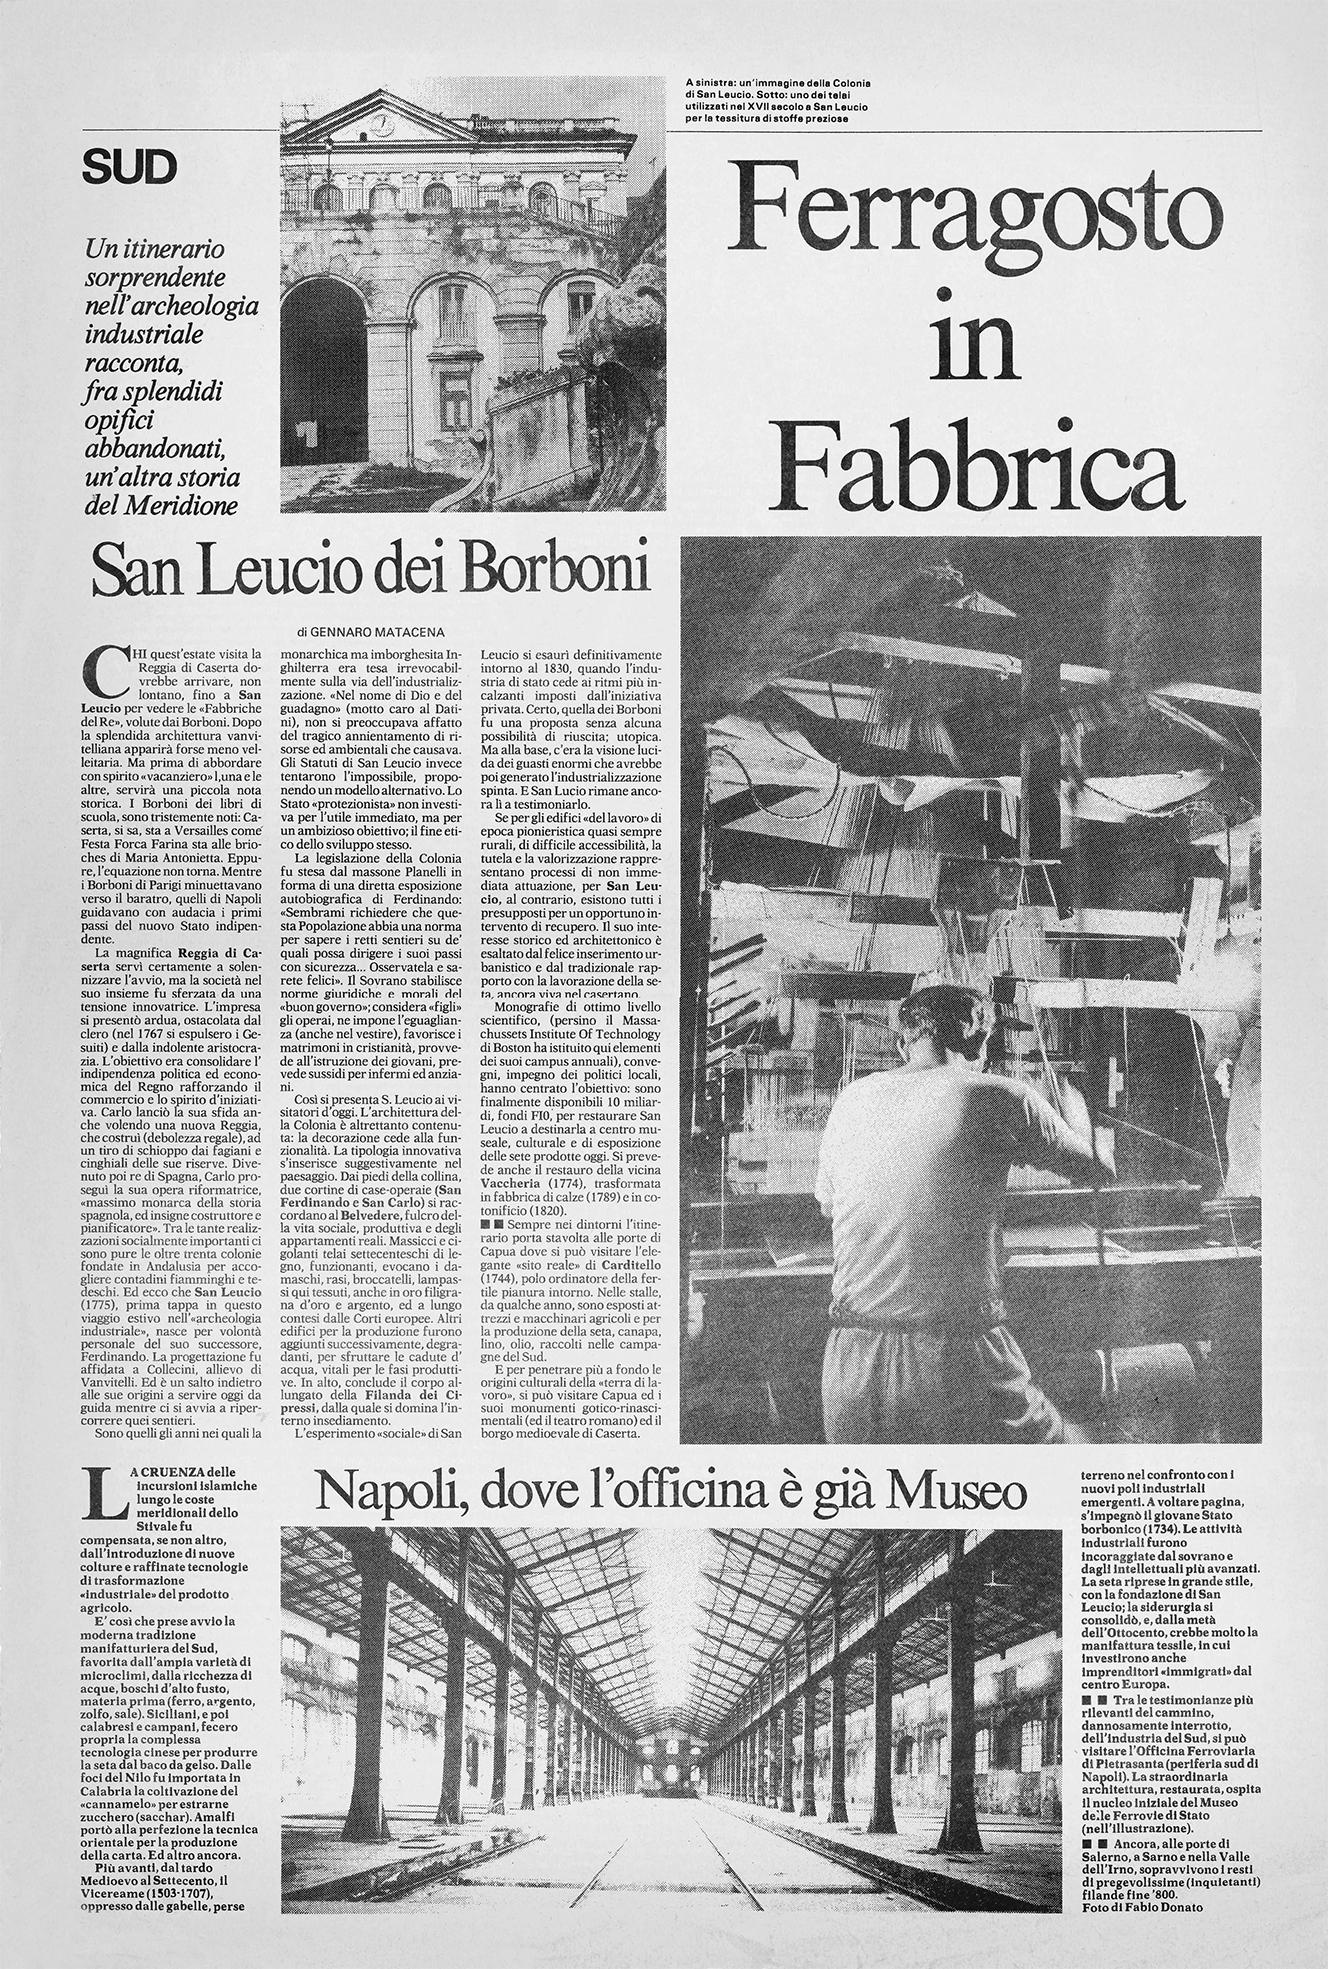 La Repubblica, 14 Agosto 1986